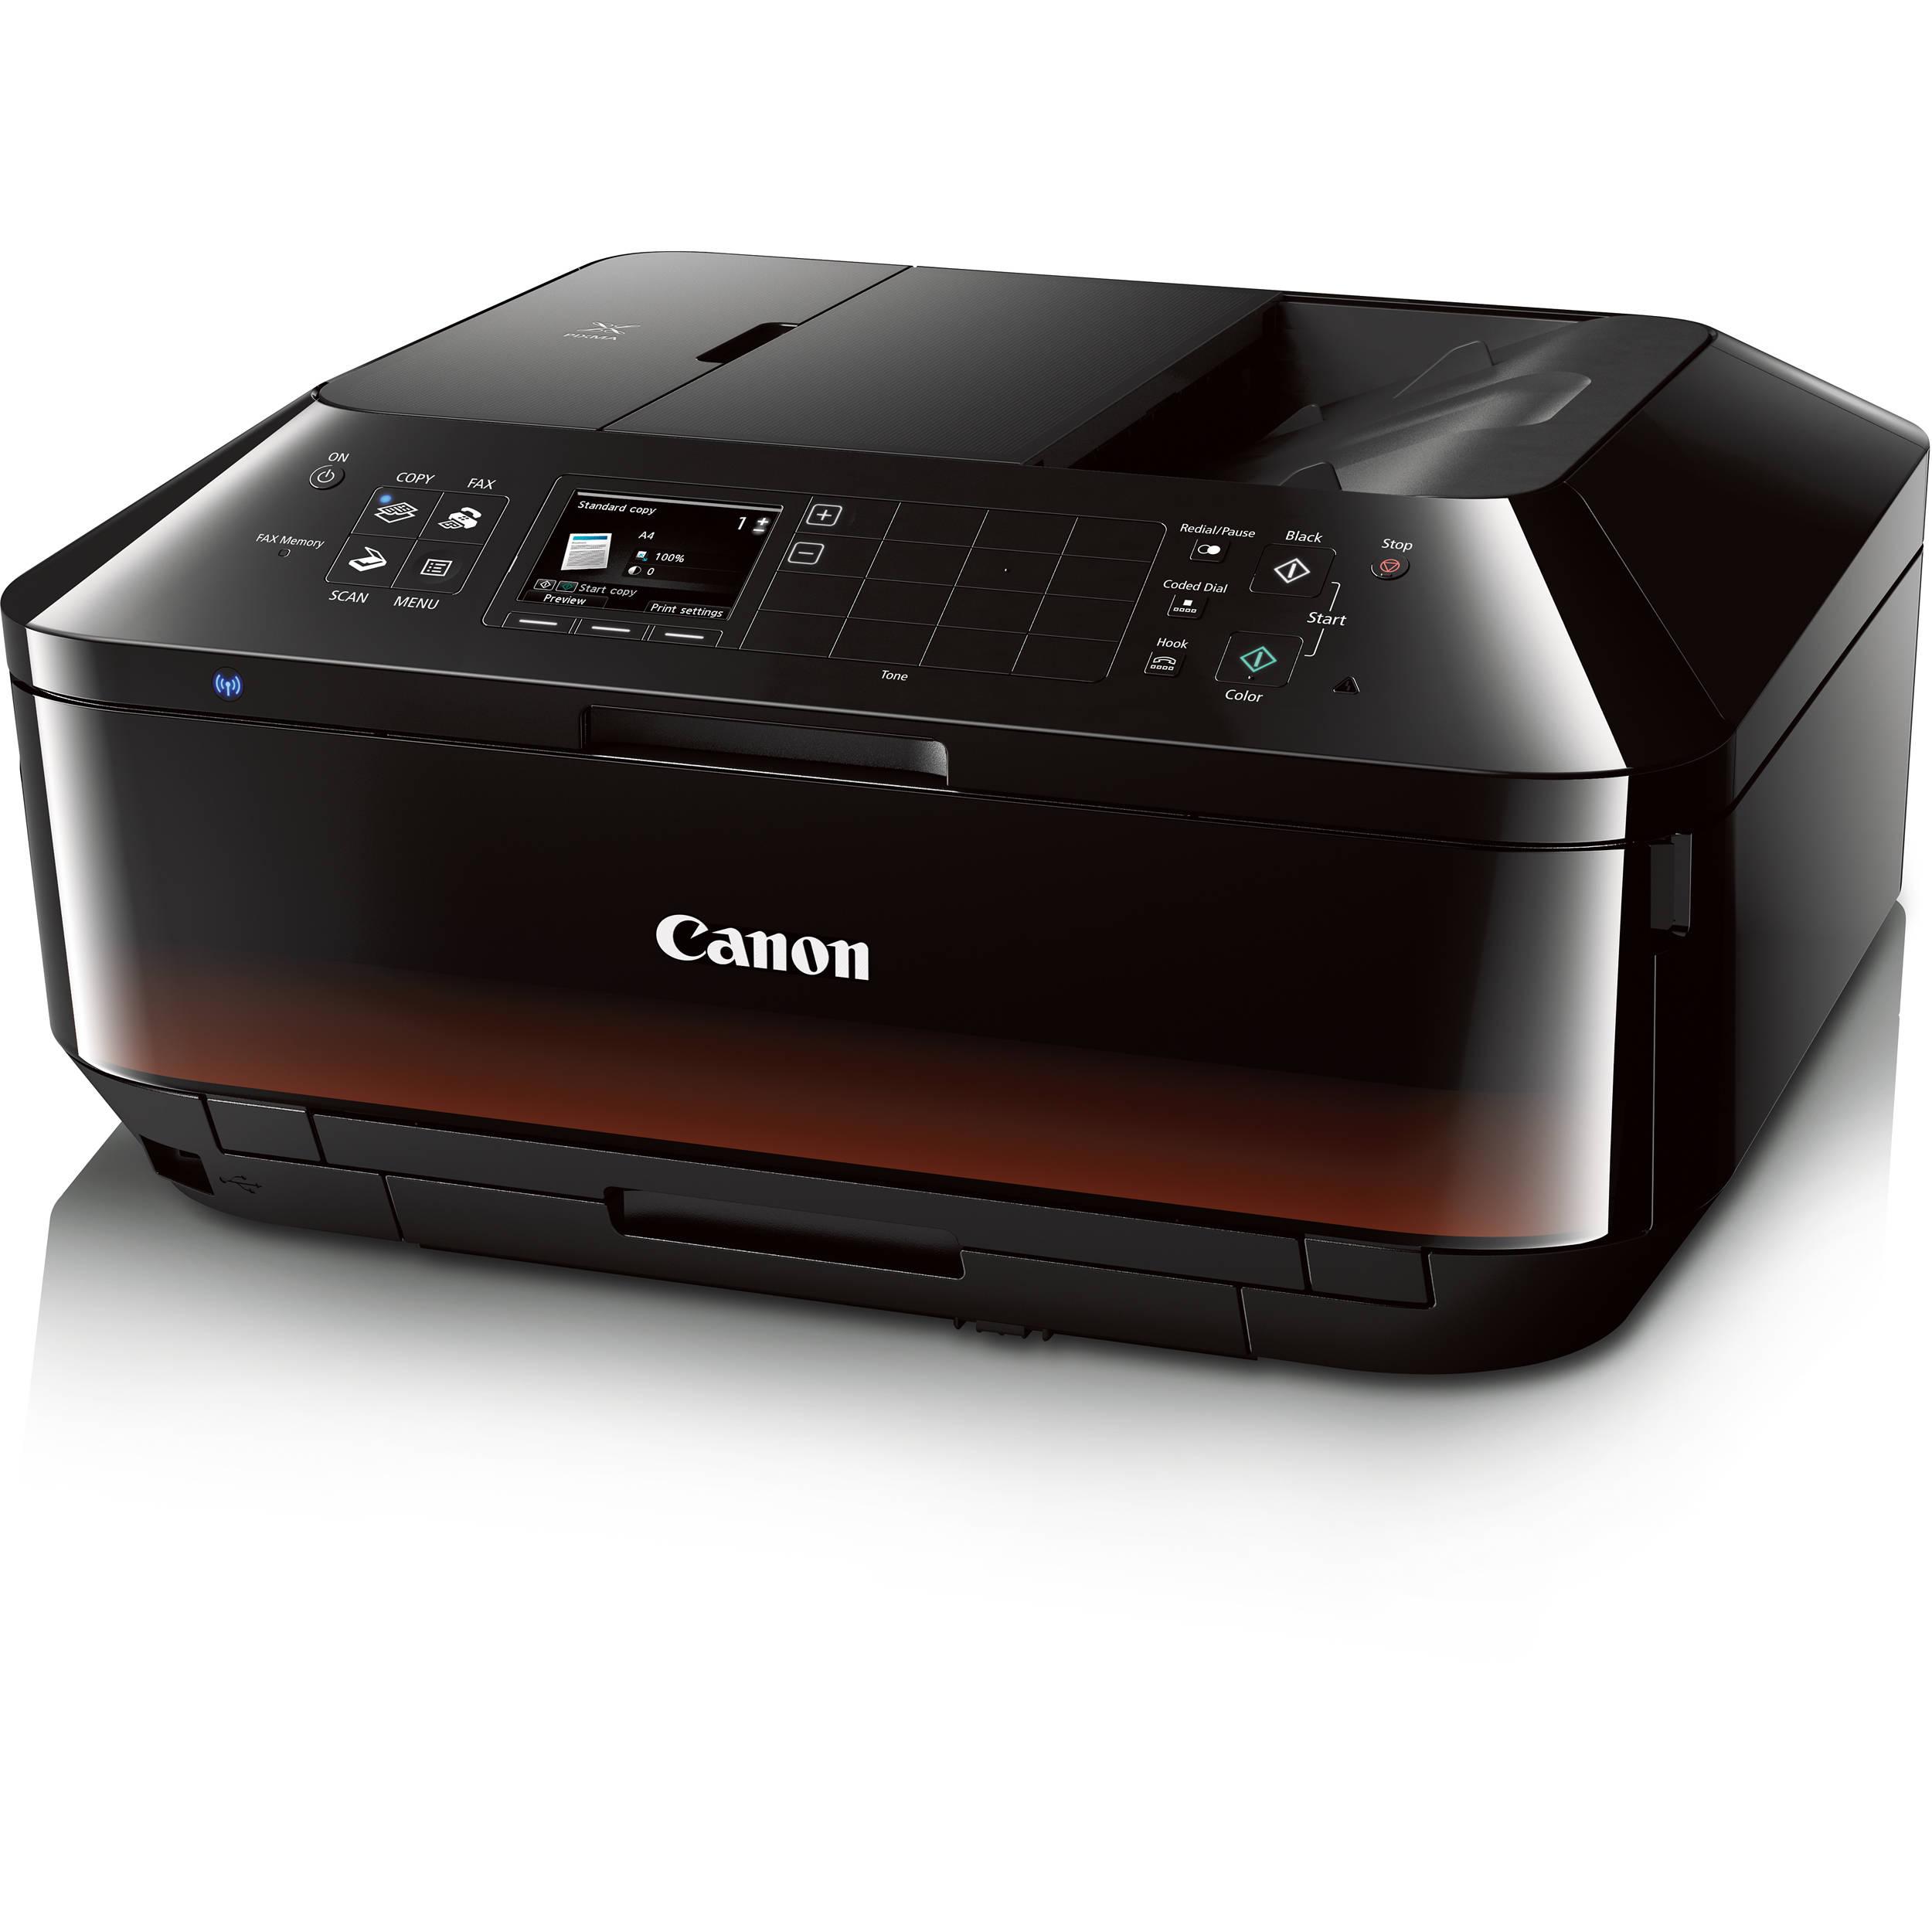 Canon Pixma Mx922 Wireless Printer Wiring Diagram Cannon Mx459 Fax